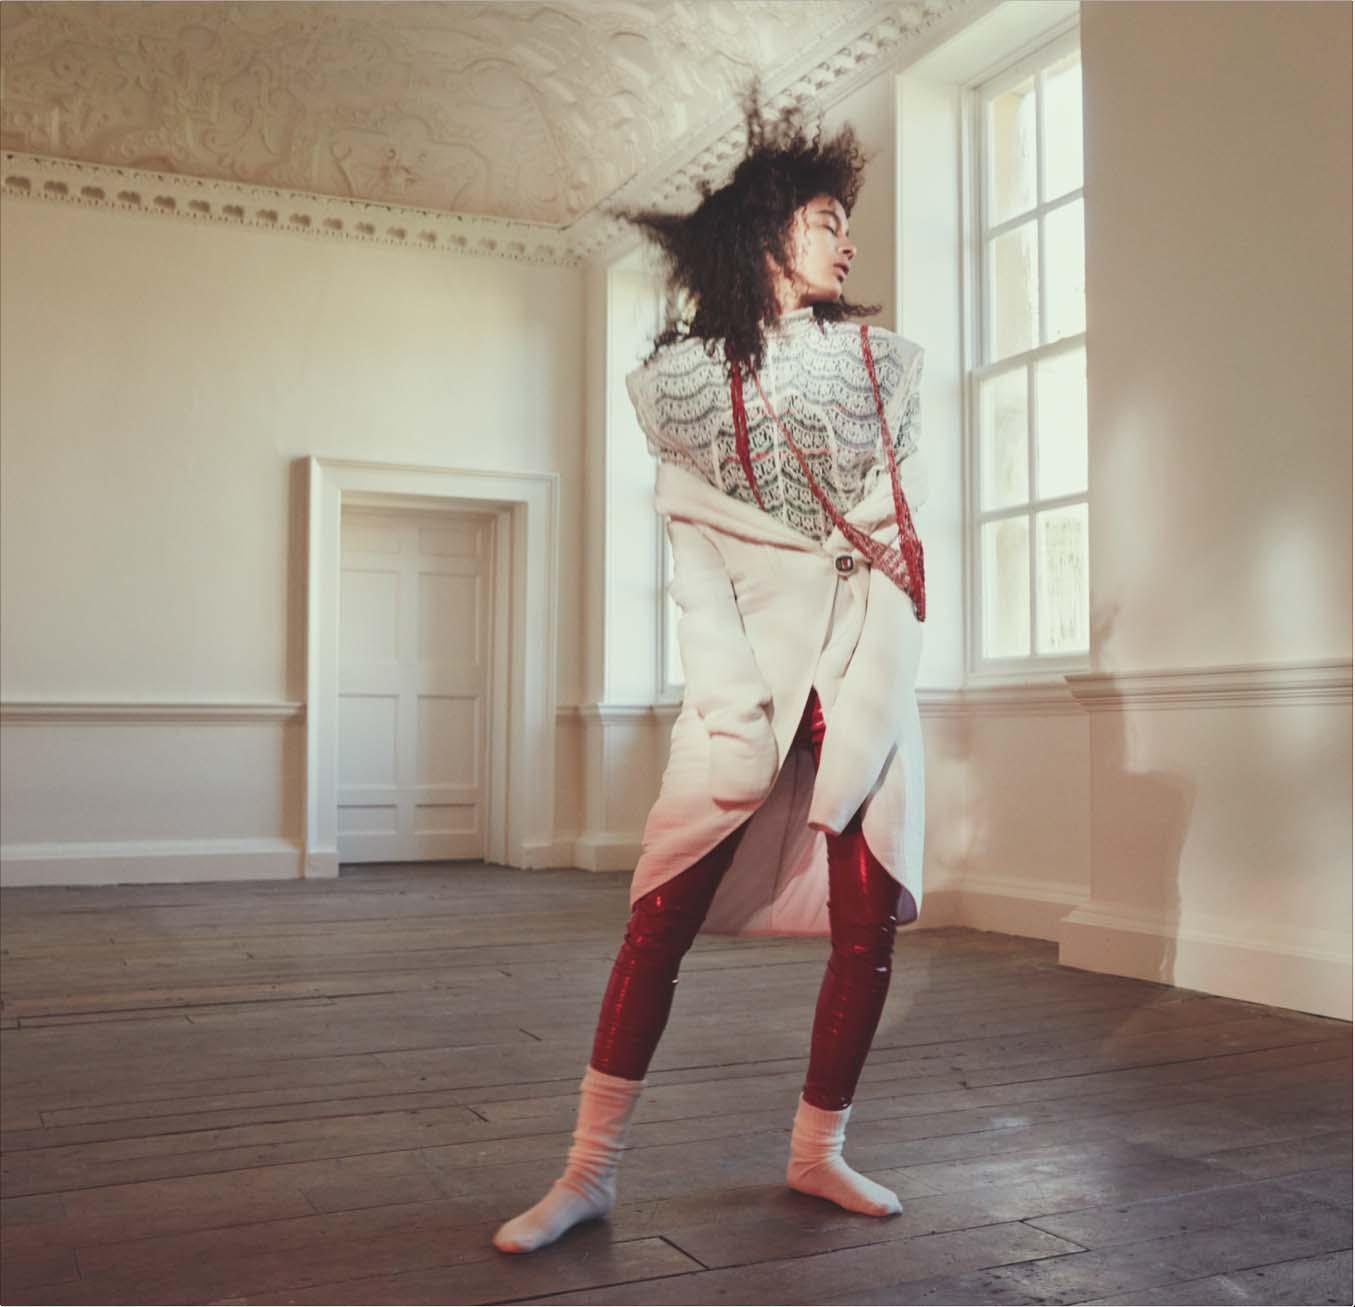 Manteau en lin et soie, GIORGIO ARMANI. Pantalon en vinyle, PINKO. Haut en dentelle de coton, JACQUEMUS. Chaussettes, FALKE. Collier drapé, ARIELLE DE PINTO.